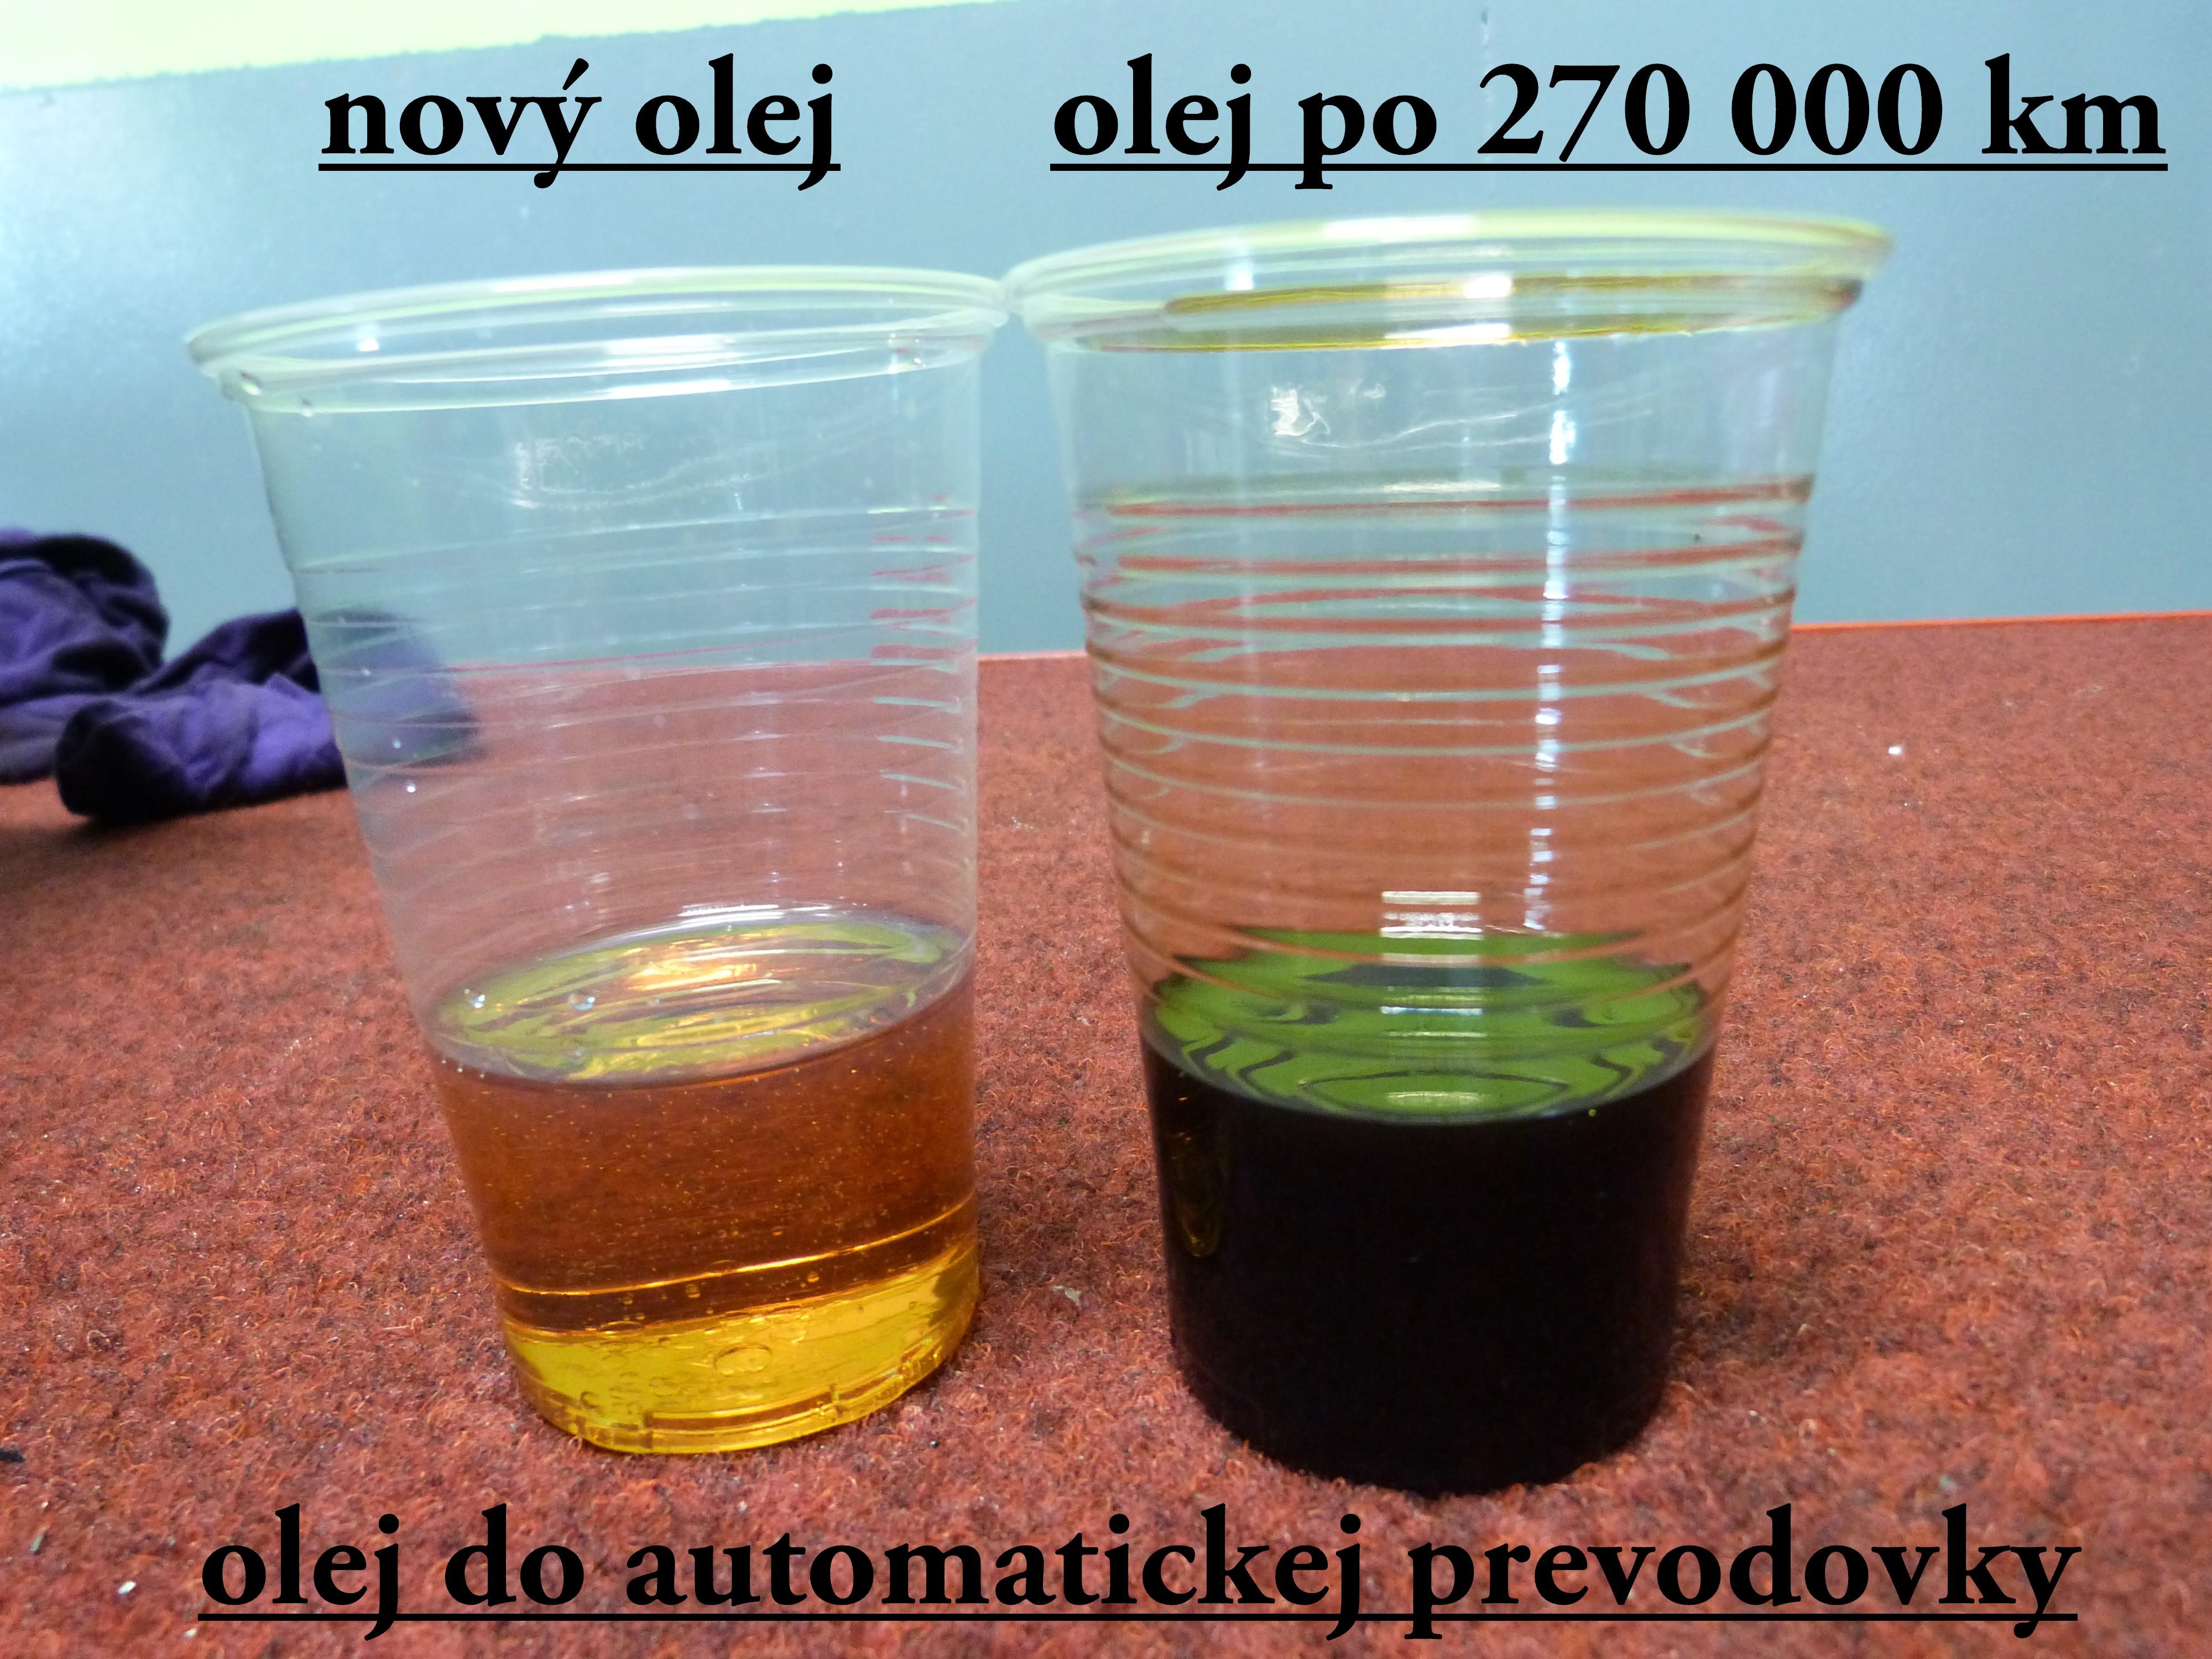 porovnanie nového a starého oleja do automatickej prevodovky